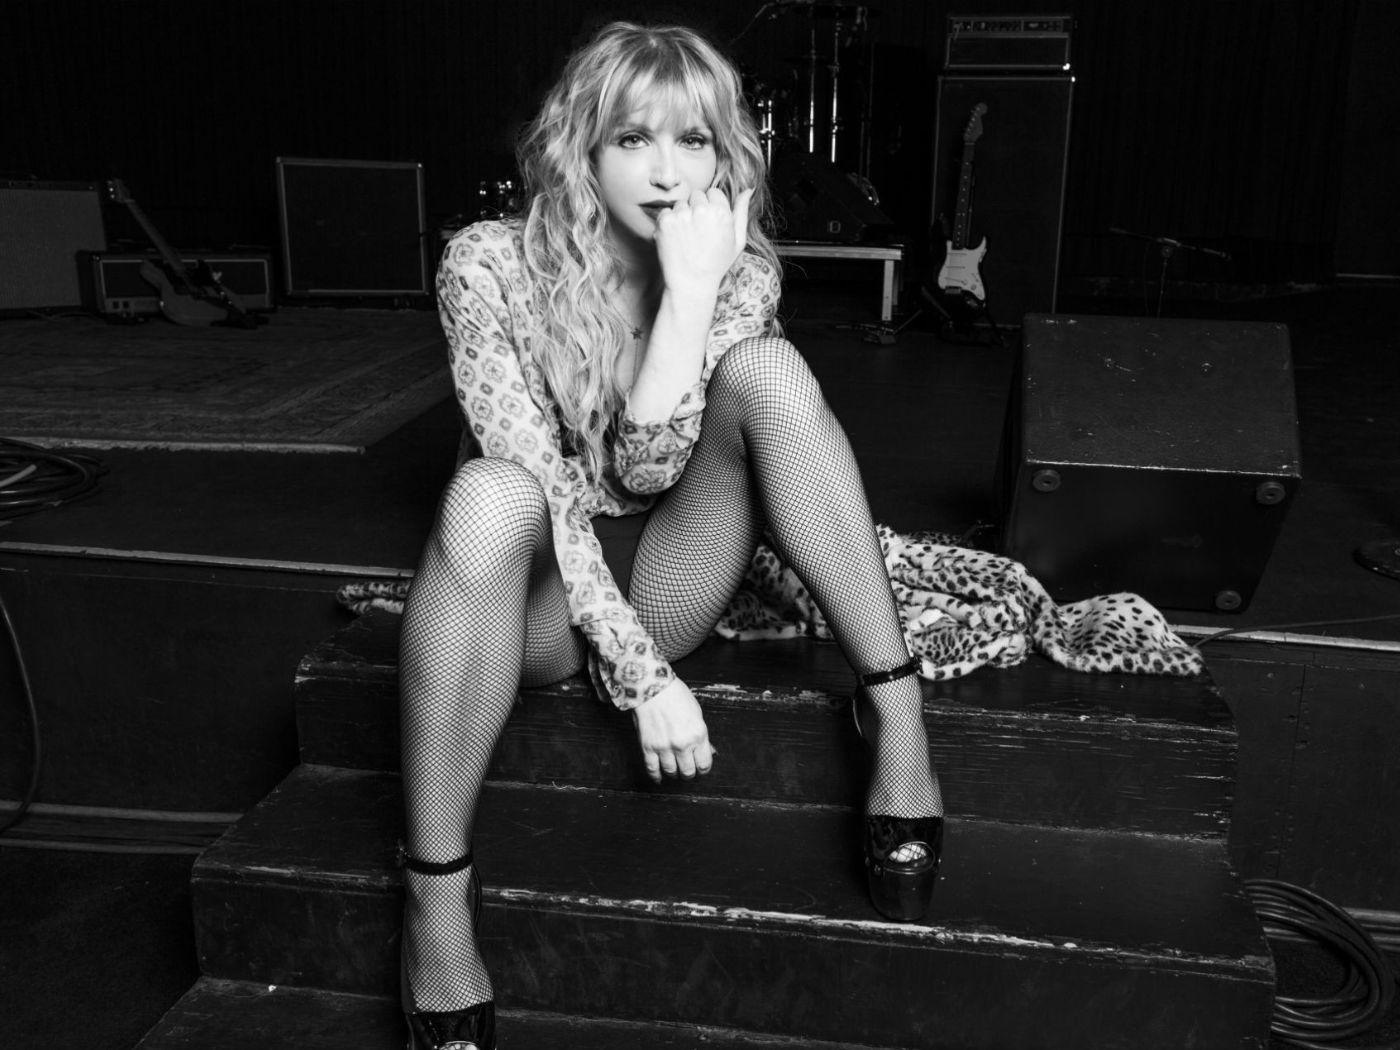 Courtney Love, The Turning, Stranger Things, Finn Wolfhard